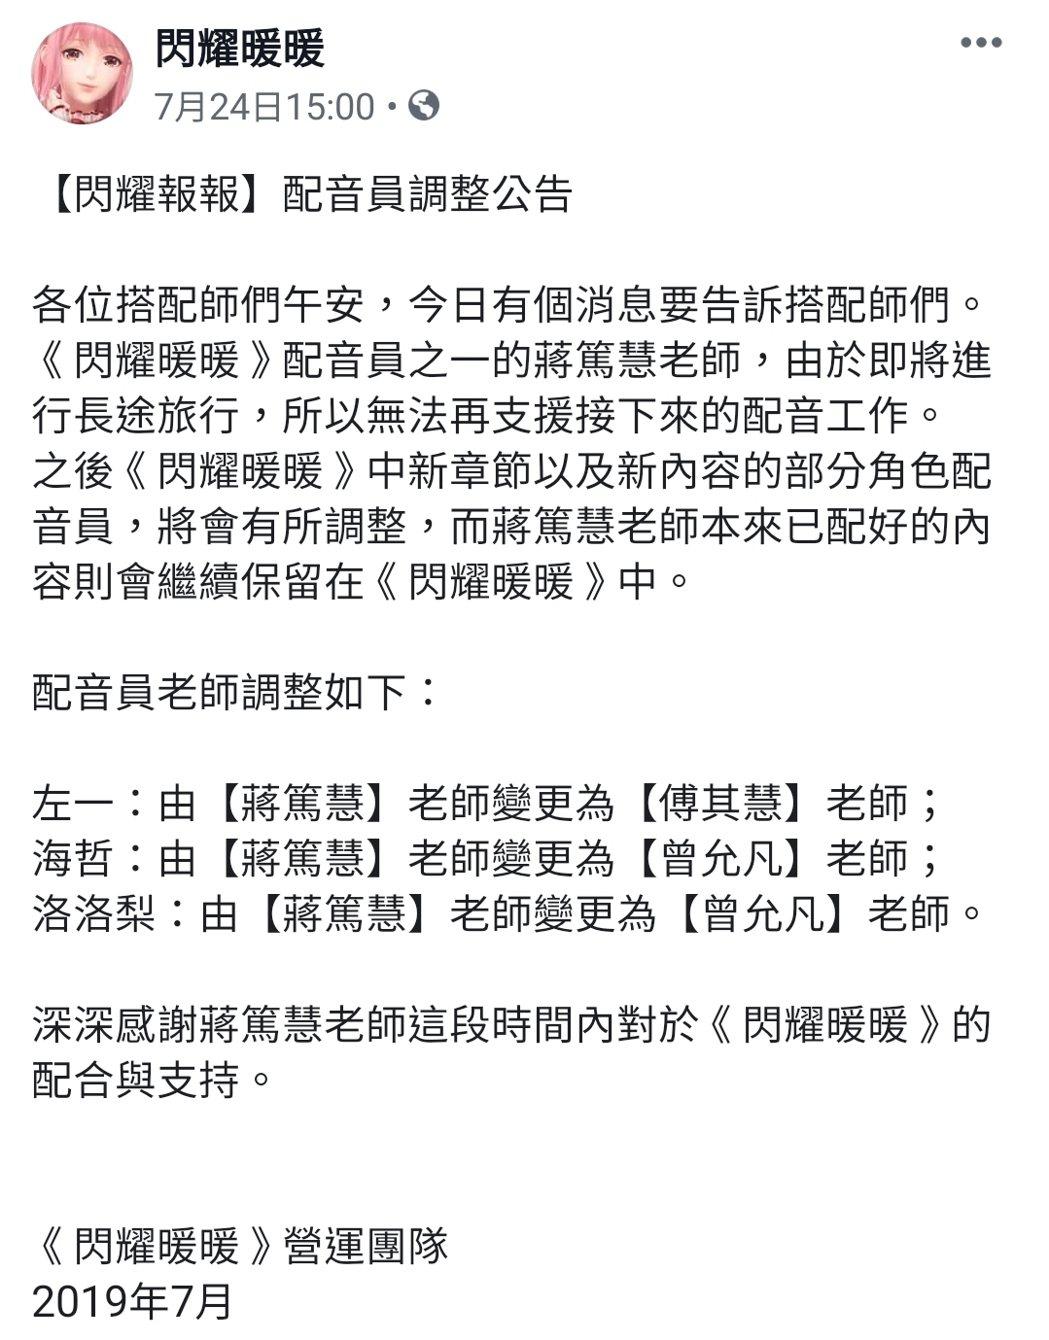 「閃耀暖暖」公告交代蔣篤慧將長途旅行。圖/摘自臉書